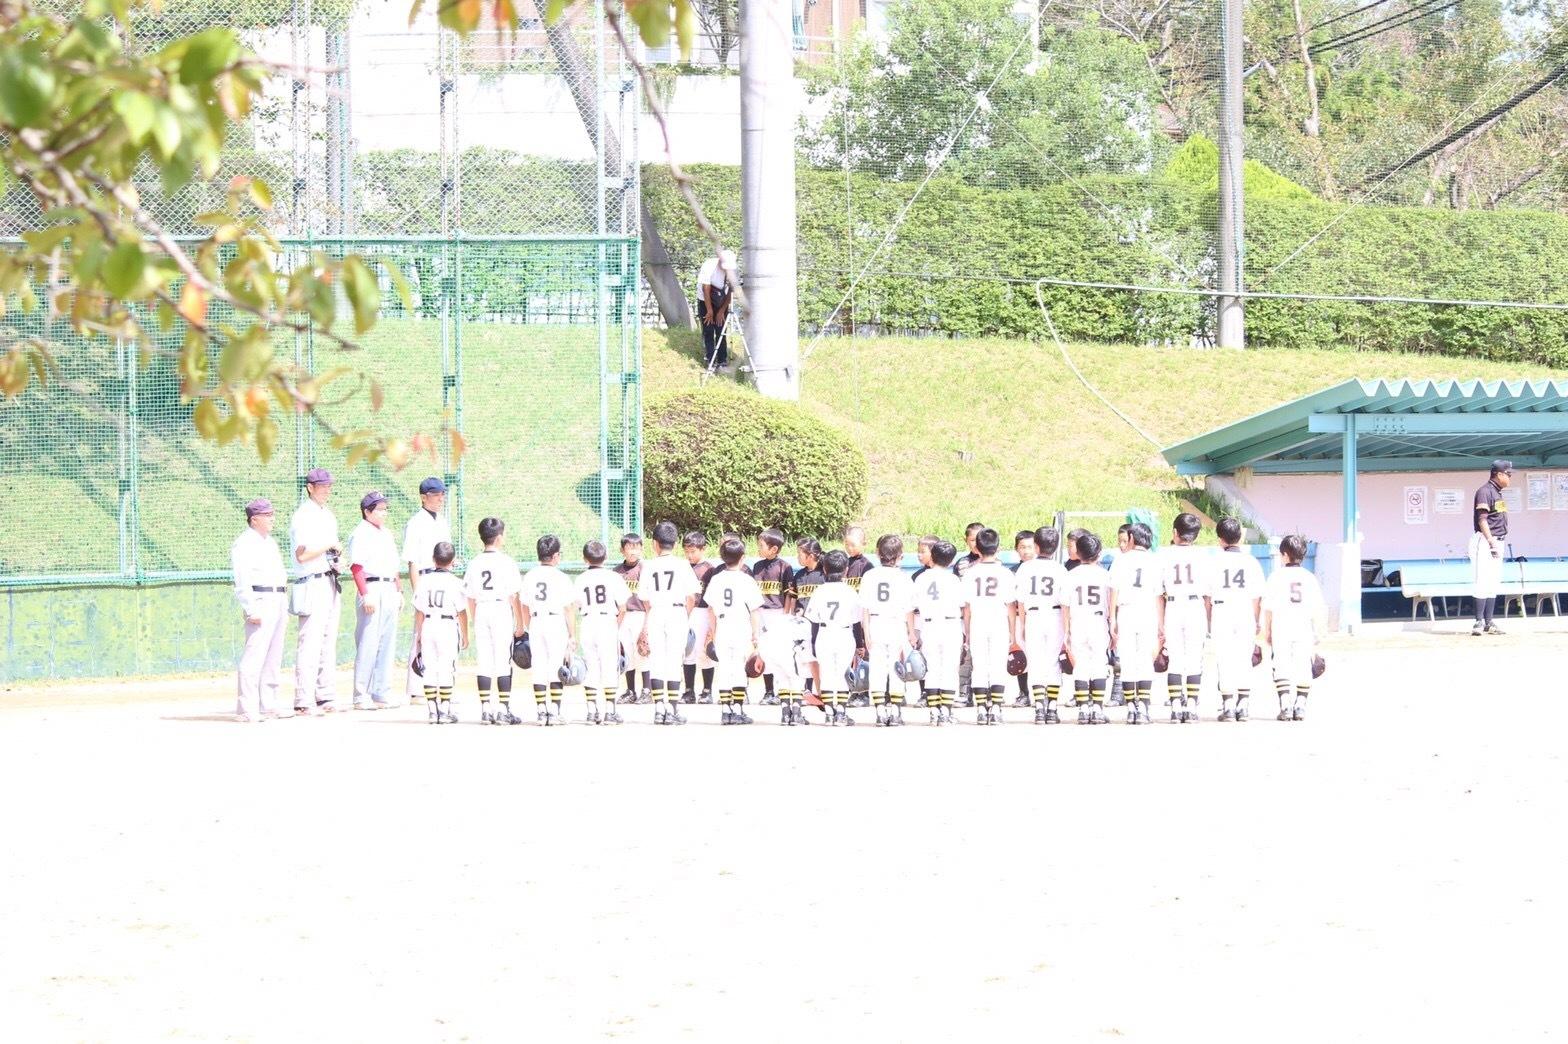 Bチーム キッズ大会『準決勝での気付き』_b0296154_17582110.jpg